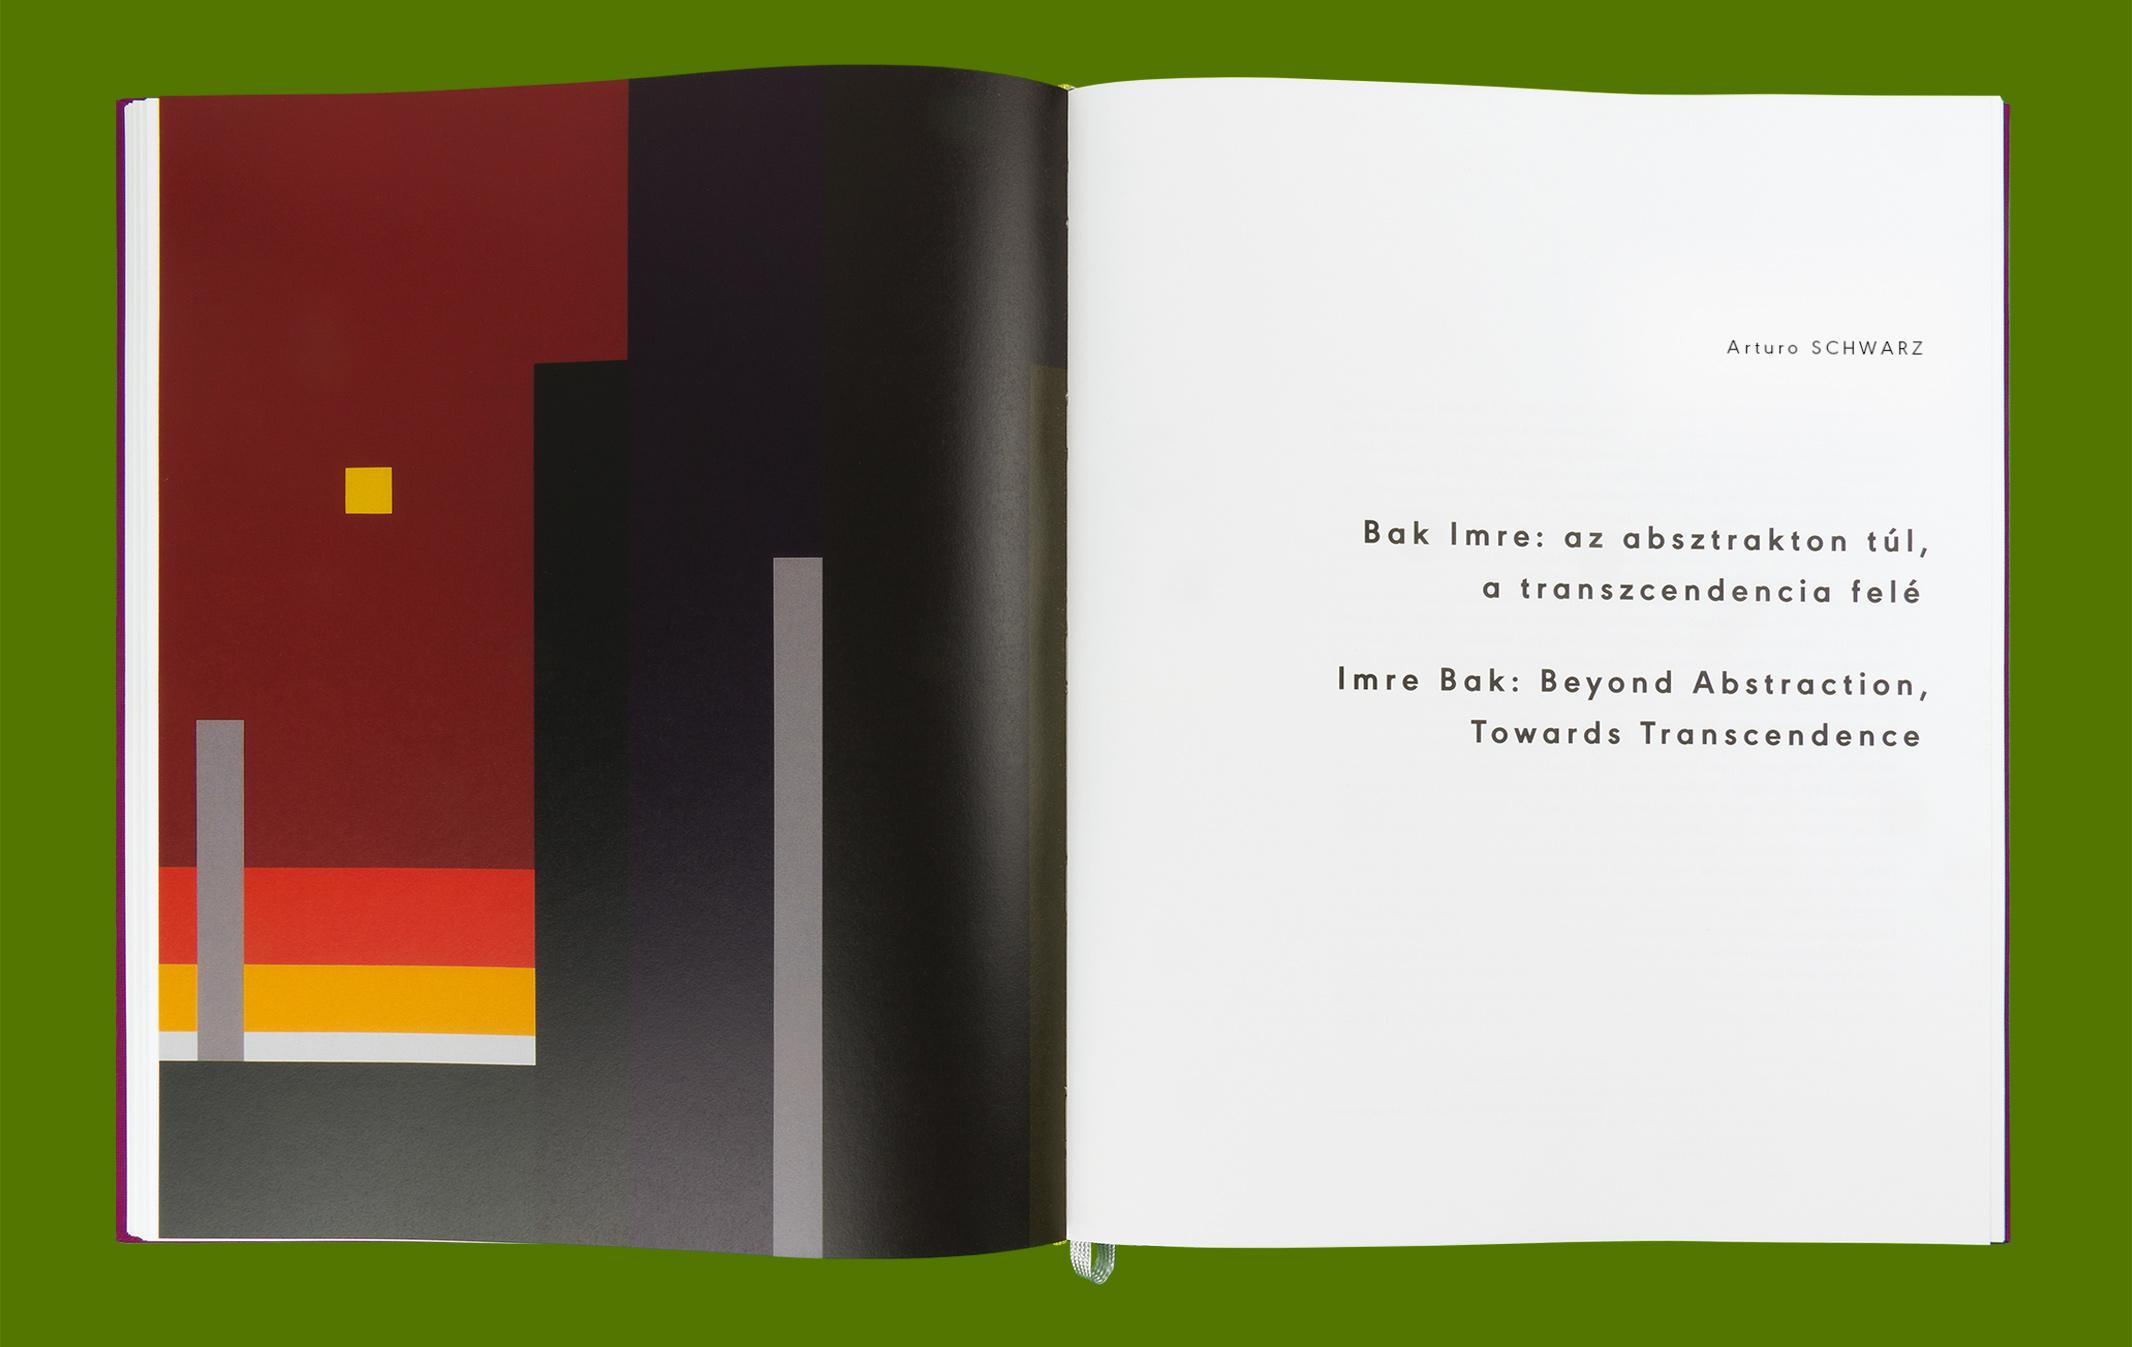 bak-imre-book-pages-4r